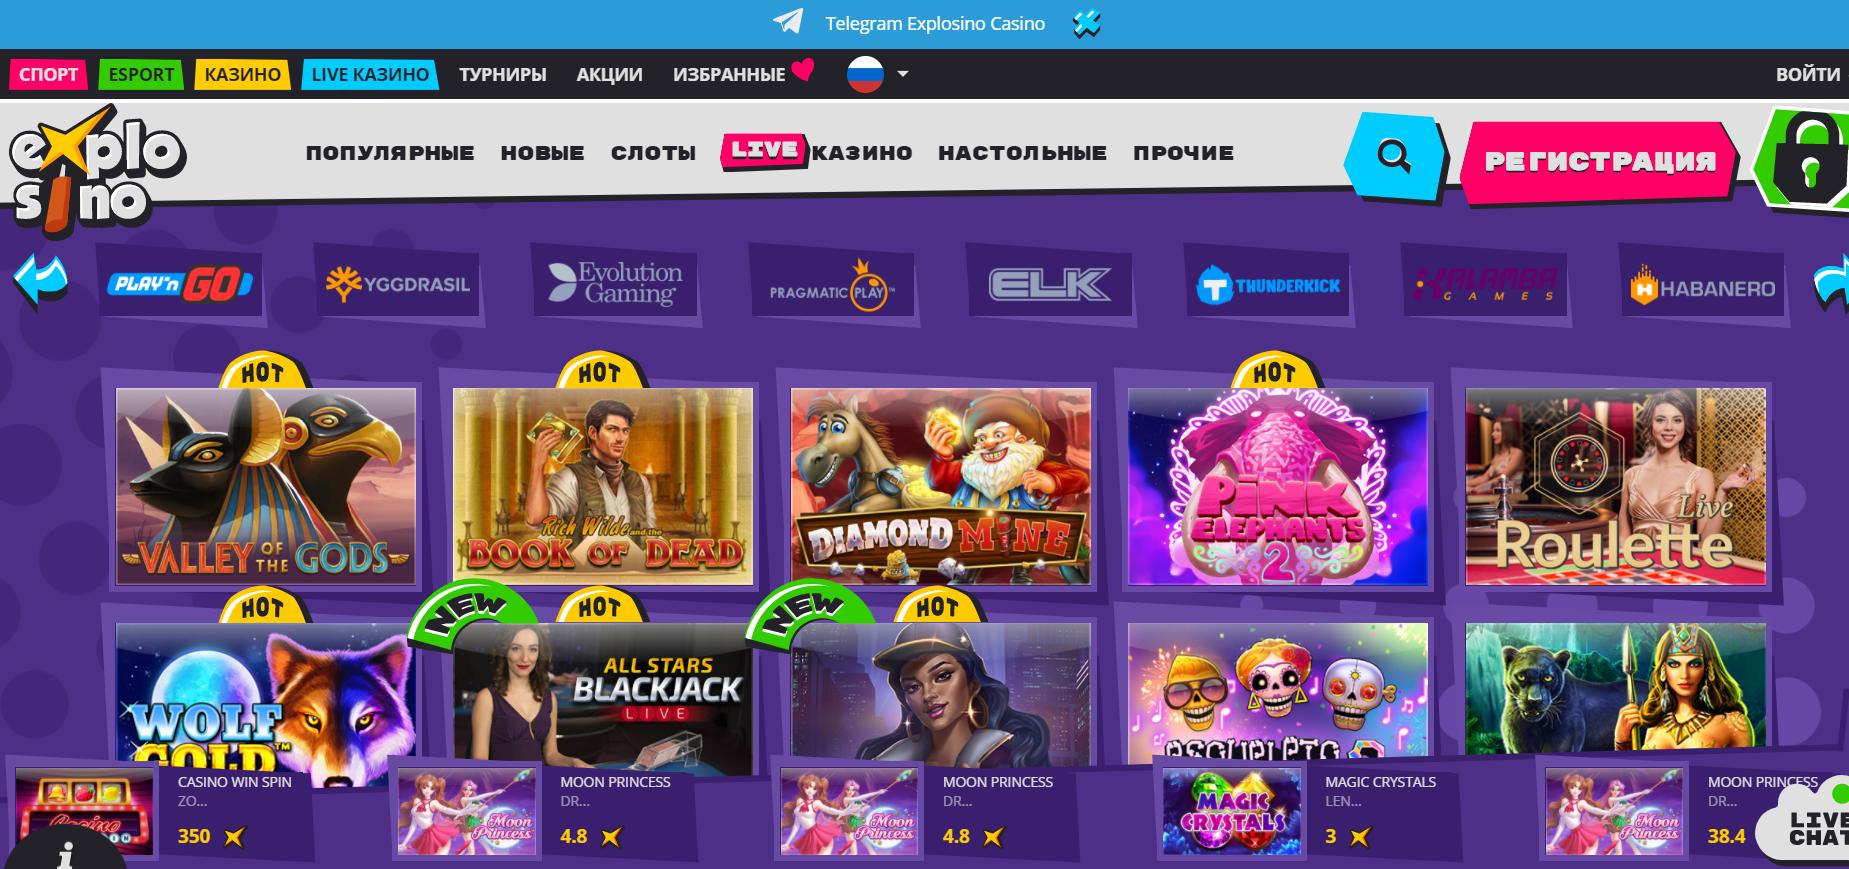 Официальный сайт онлайн казино в россии на каких из карт можно играть в режиме встречный бой